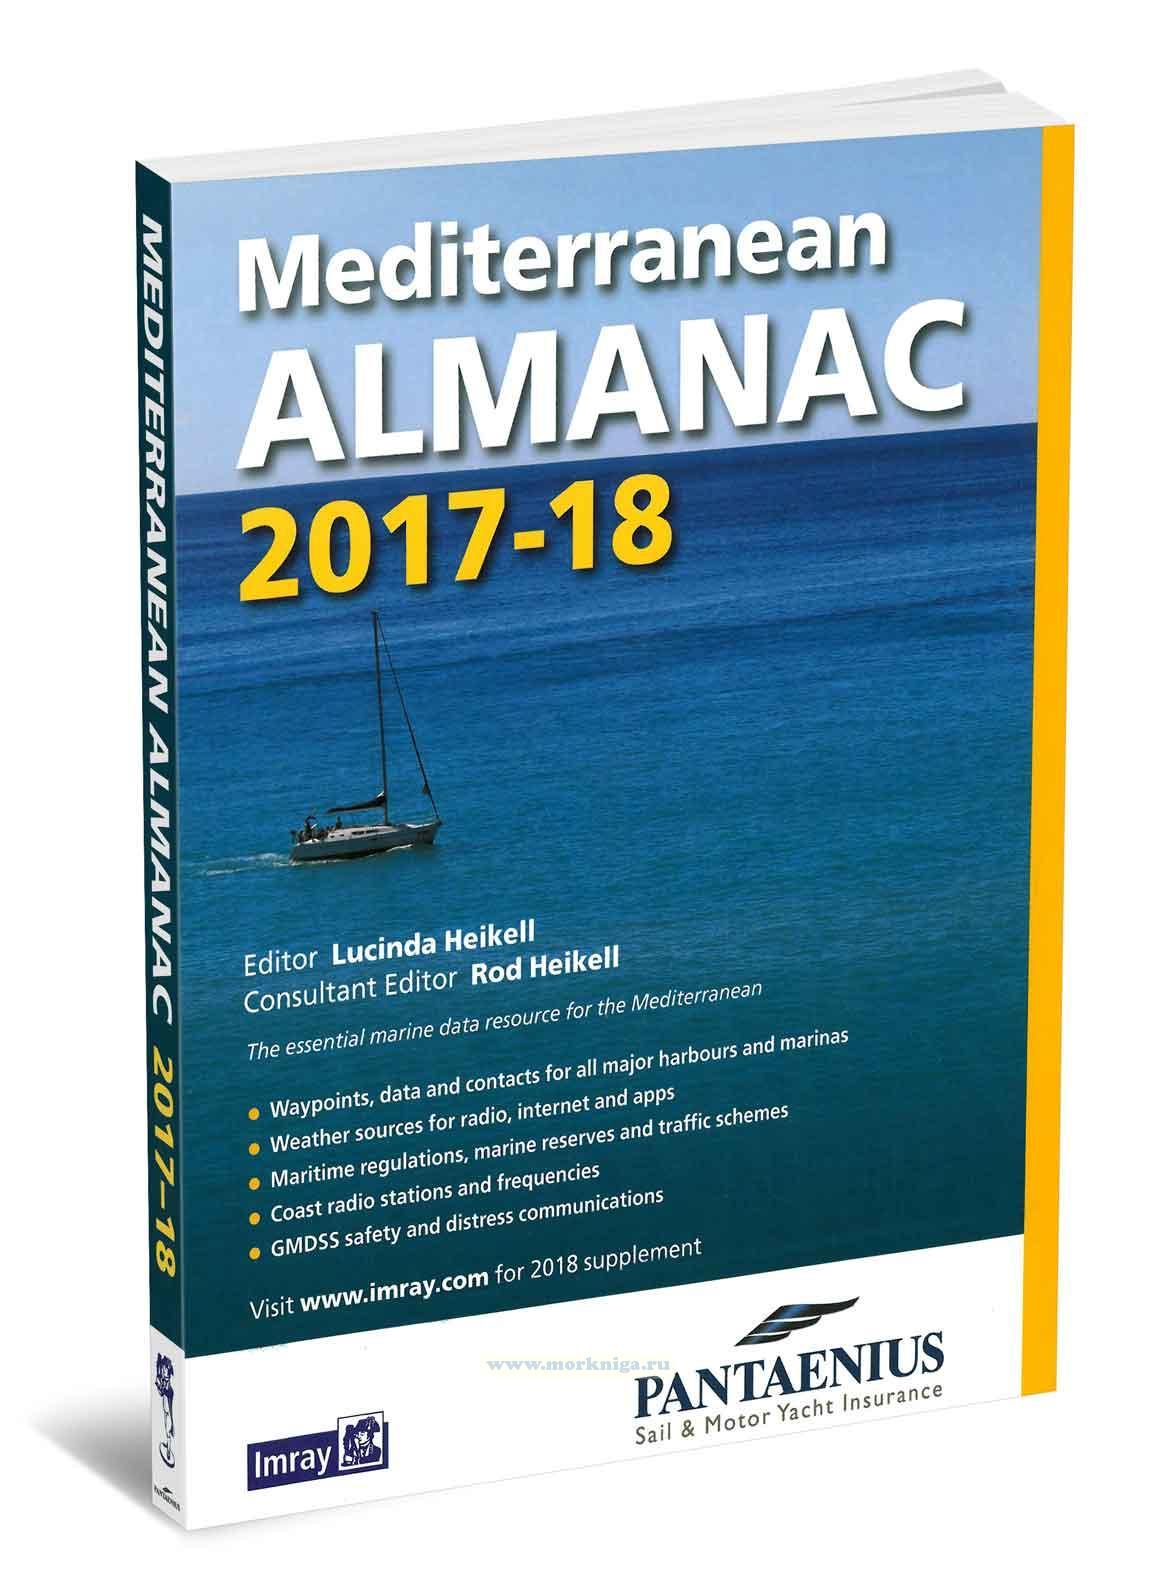 Mediterranean Almanac 2017-18